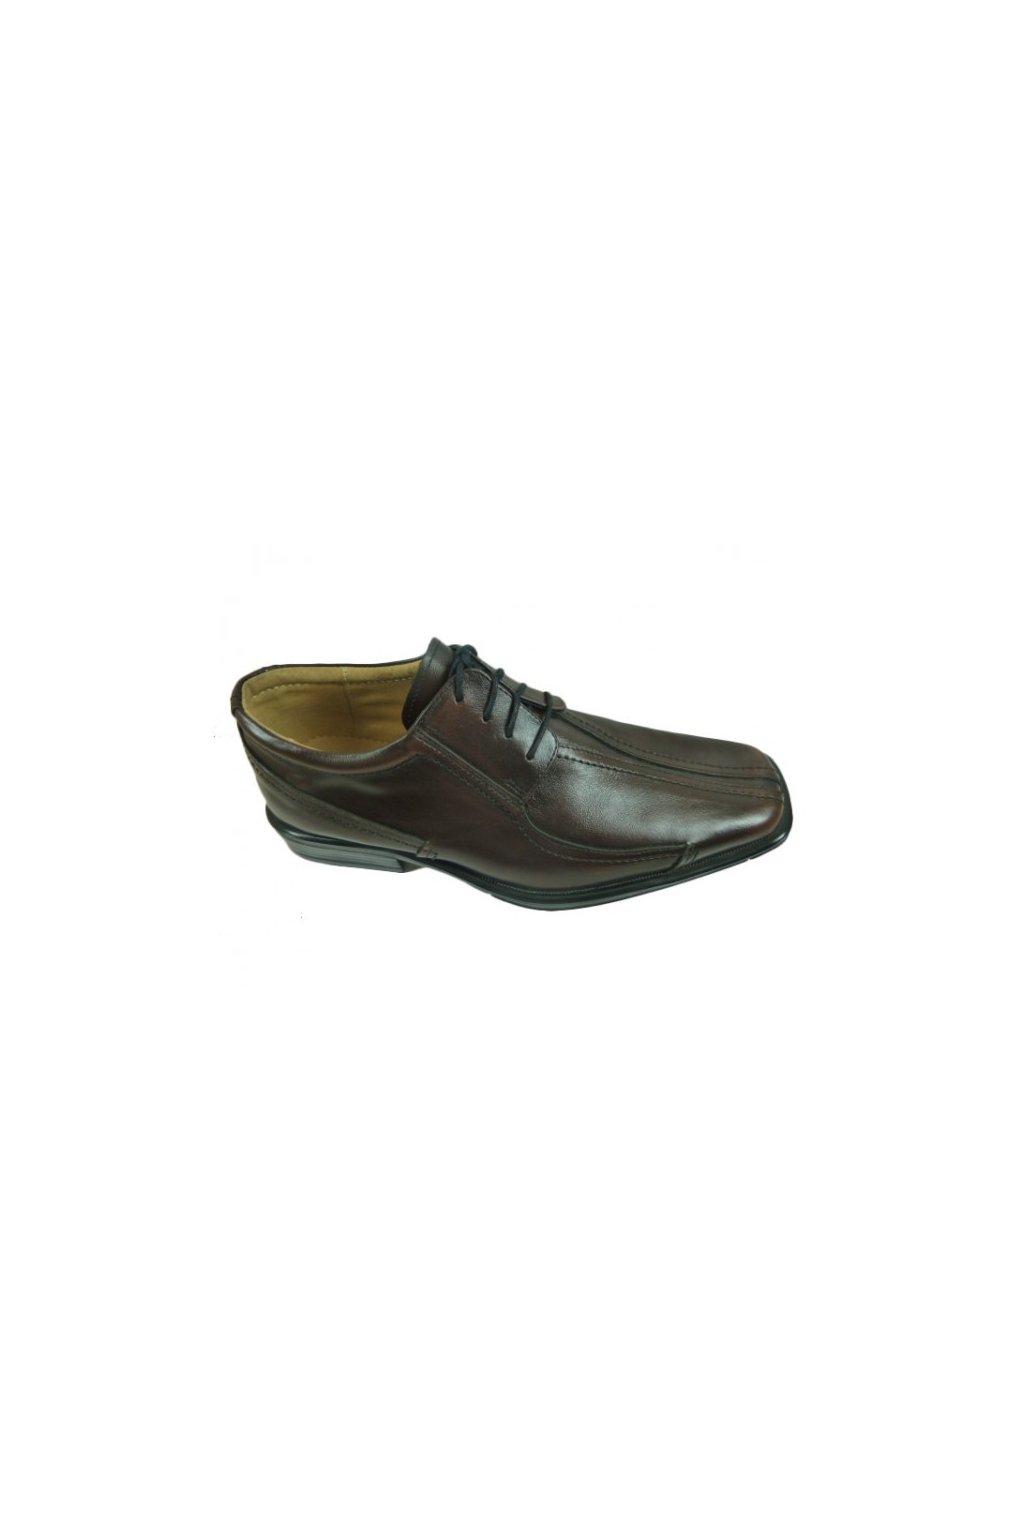 Podměrná pánská obuv Kuda 524 hn